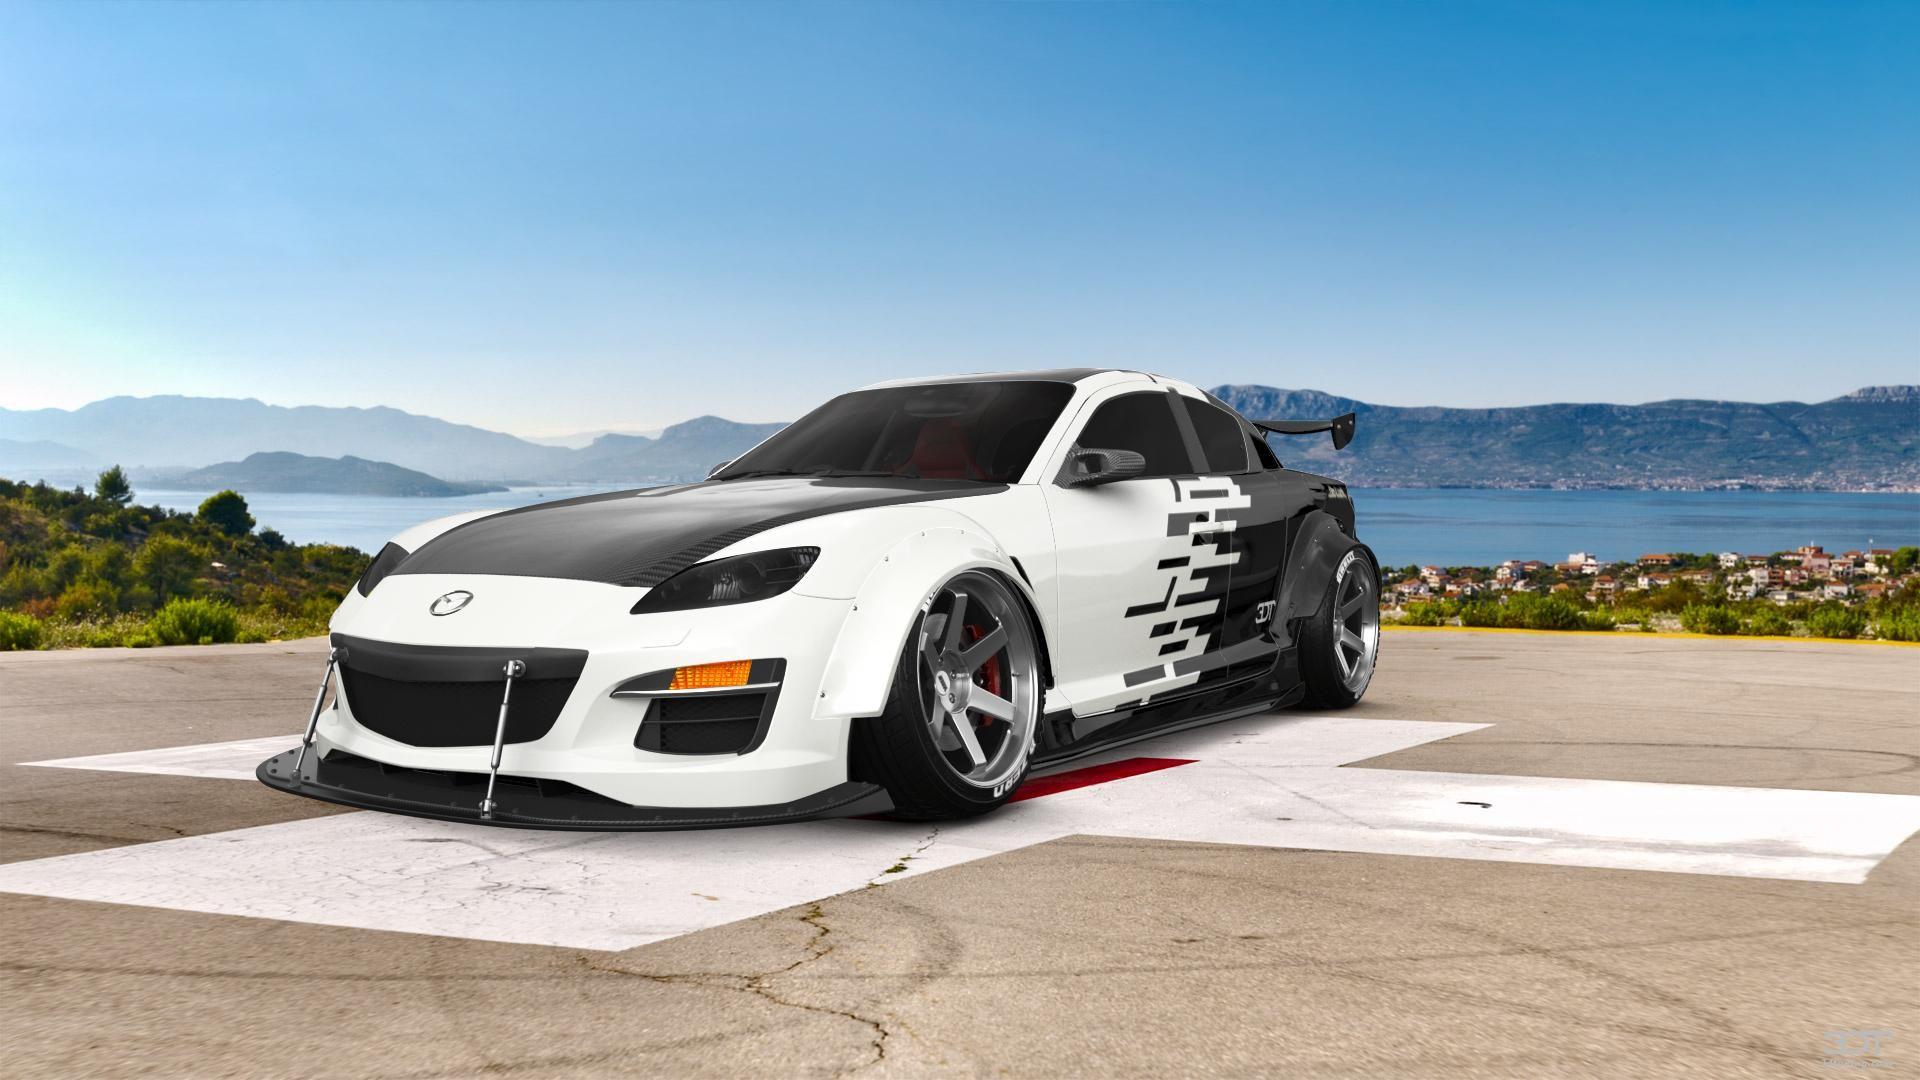 Pin By Evgenij Igorevich On Mazda In 2020 Mazda Motor Car Pirelli Tires